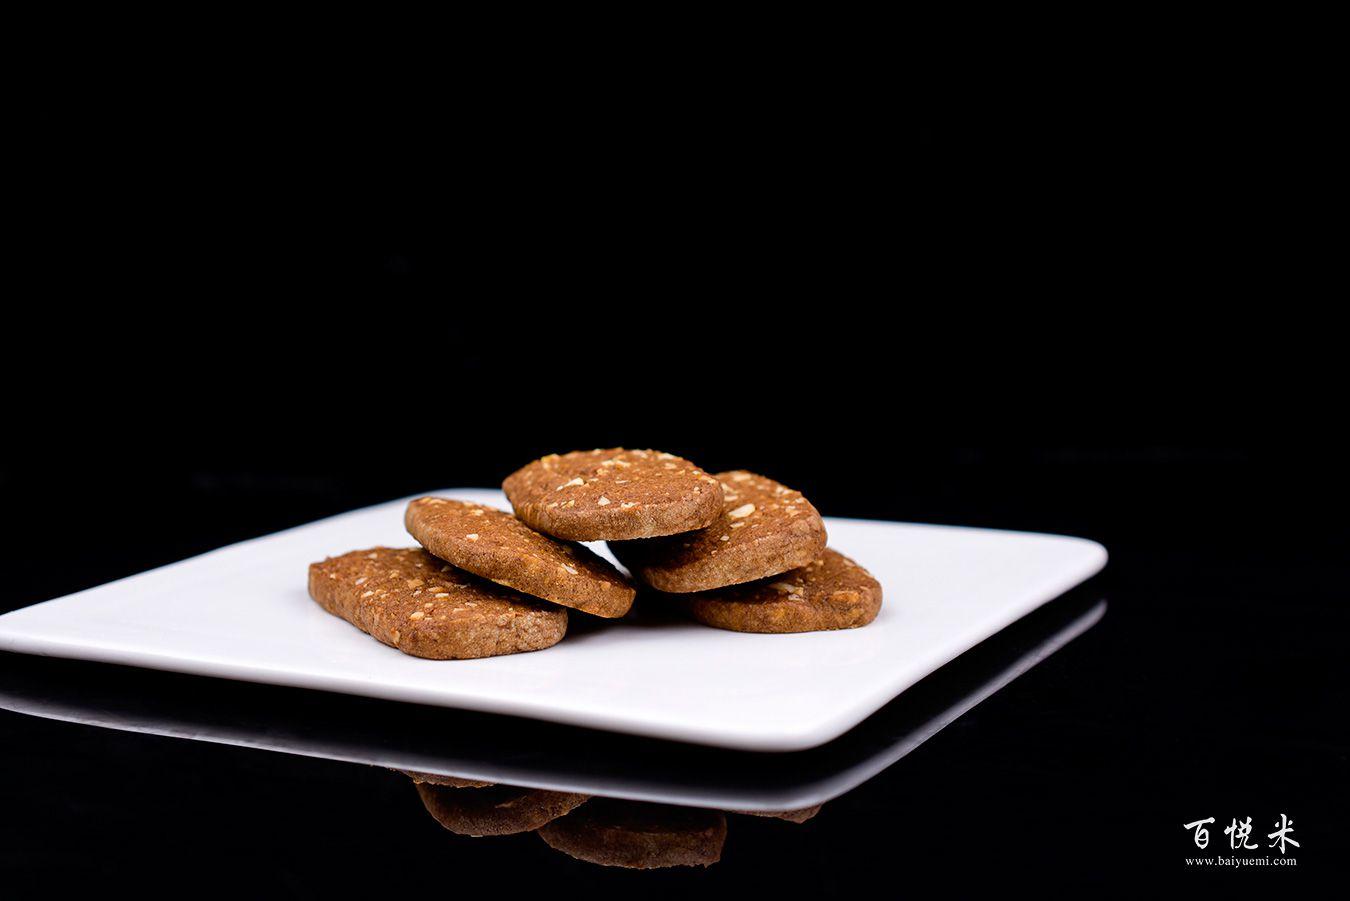 摩卡坚果饼干高清图片大全【蛋糕图片】_349